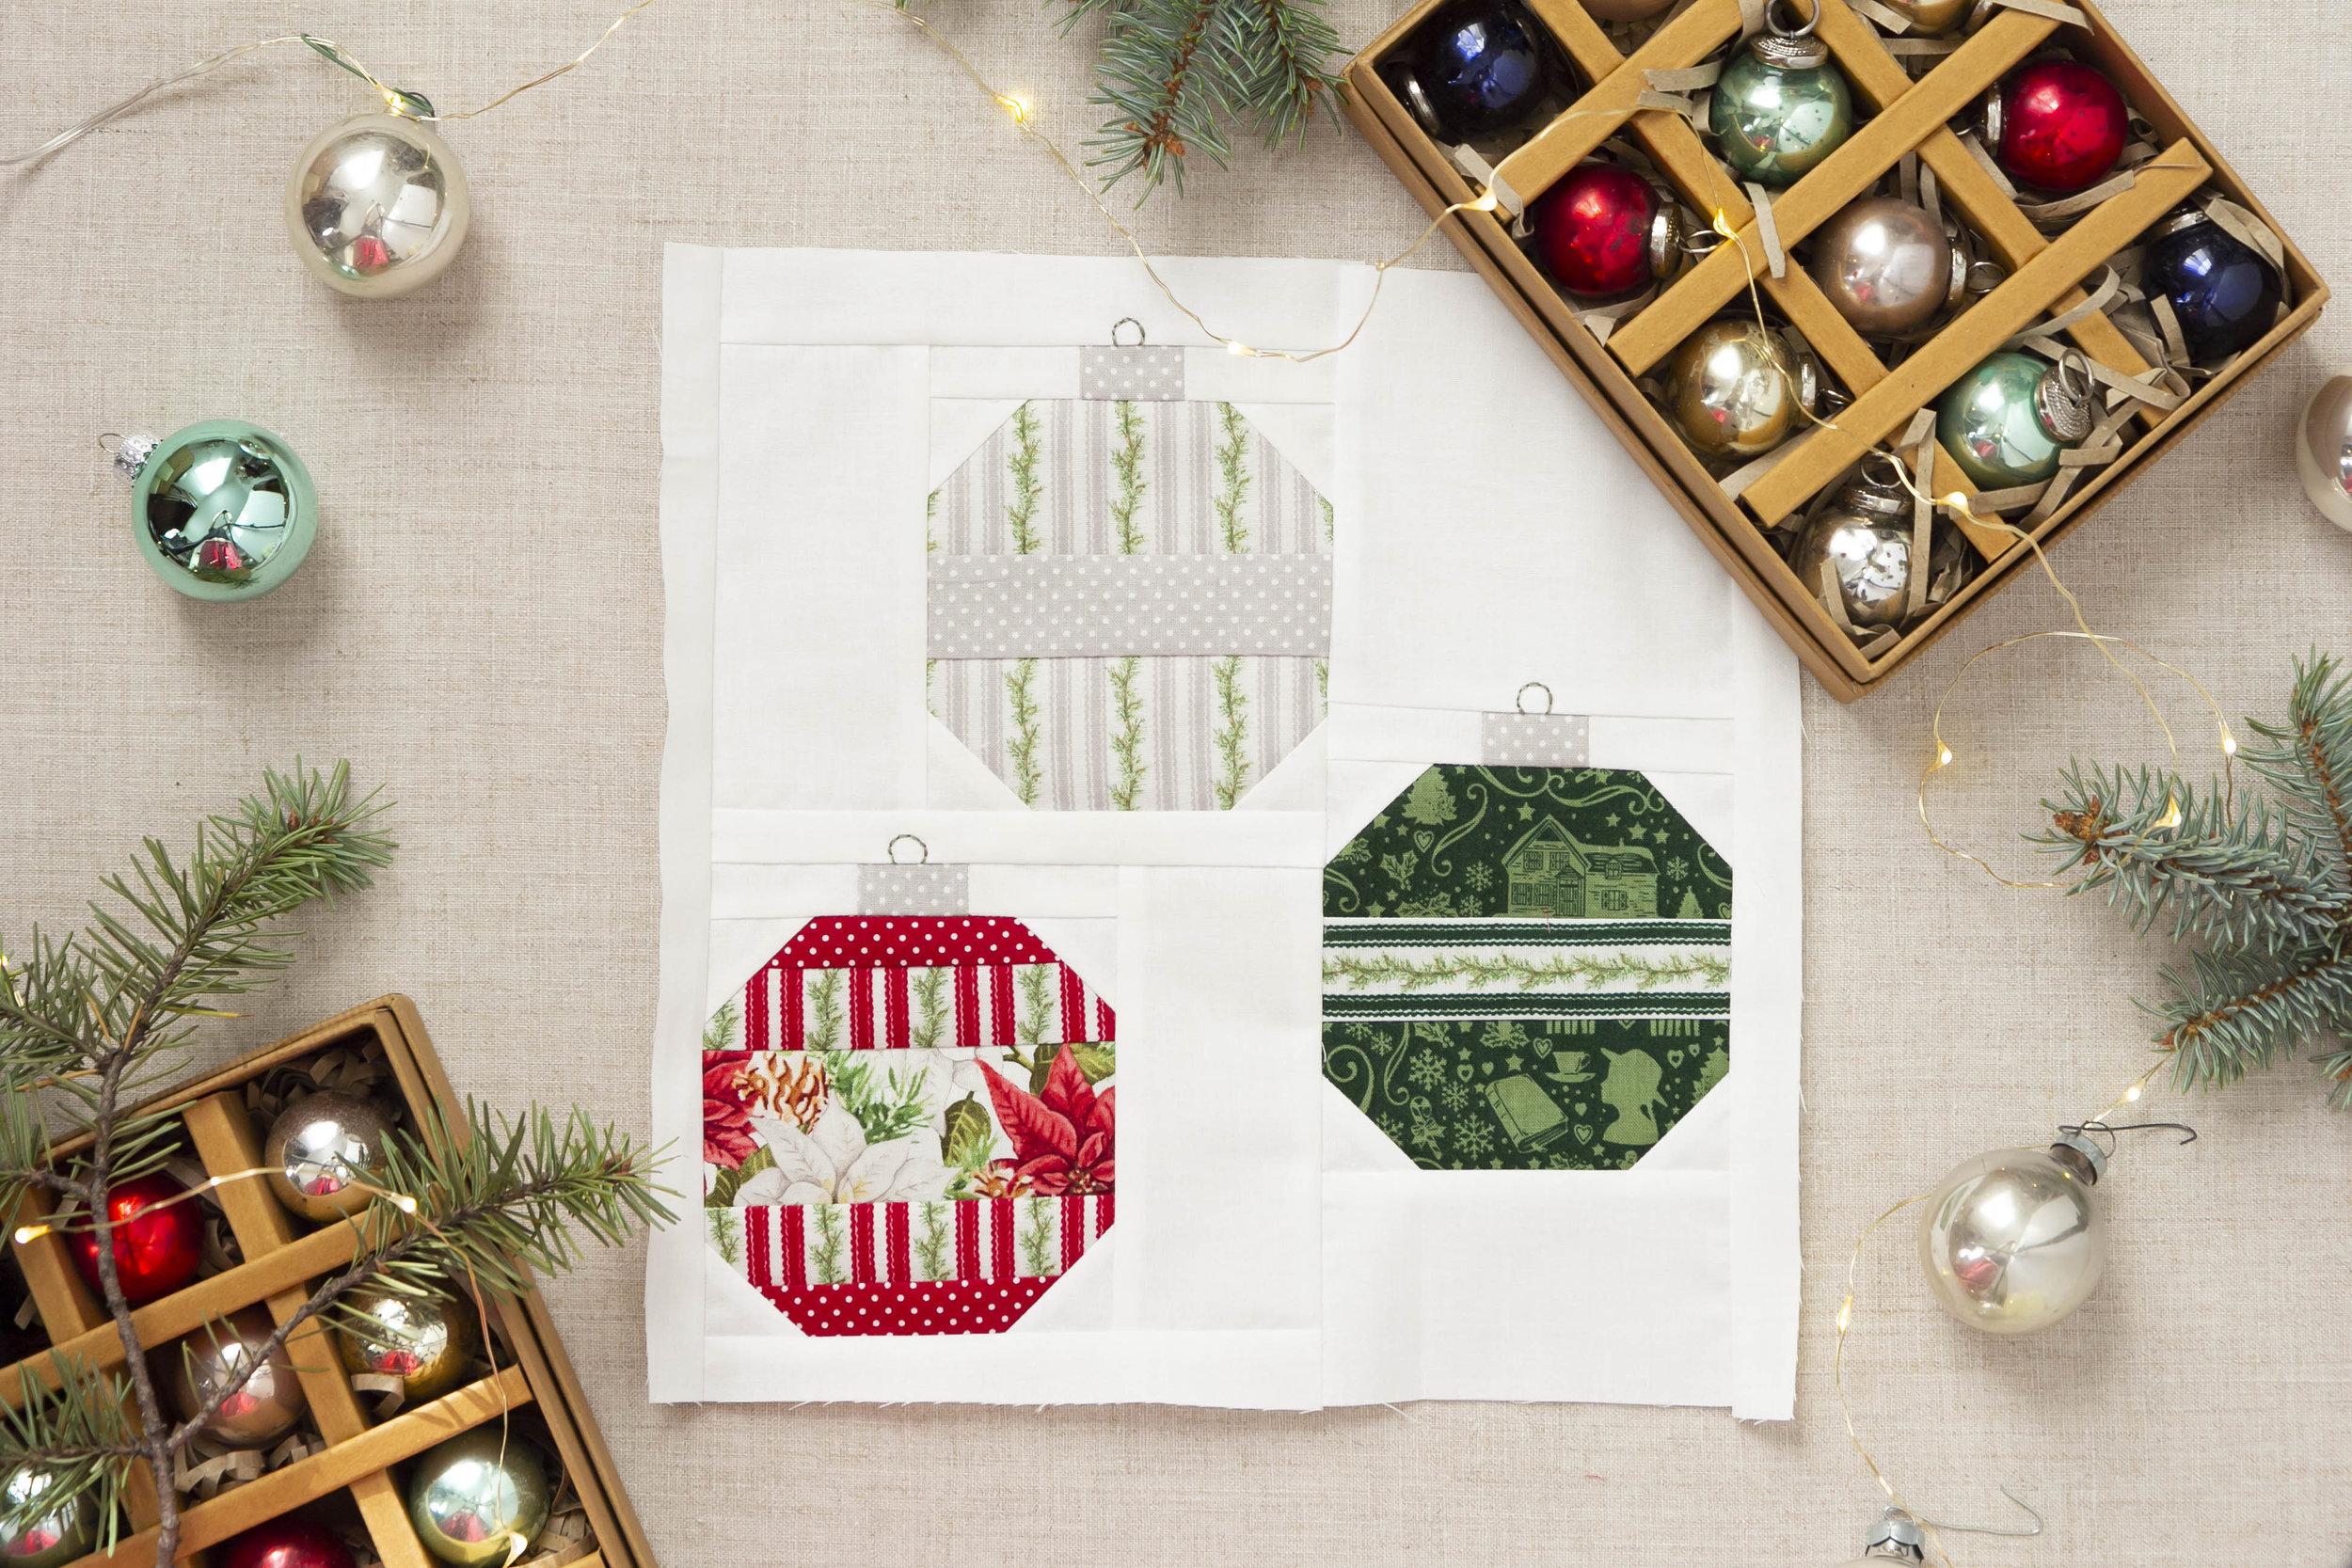 Christmas_Anne_of_Green_Gables_quilt_2018112919.jpg